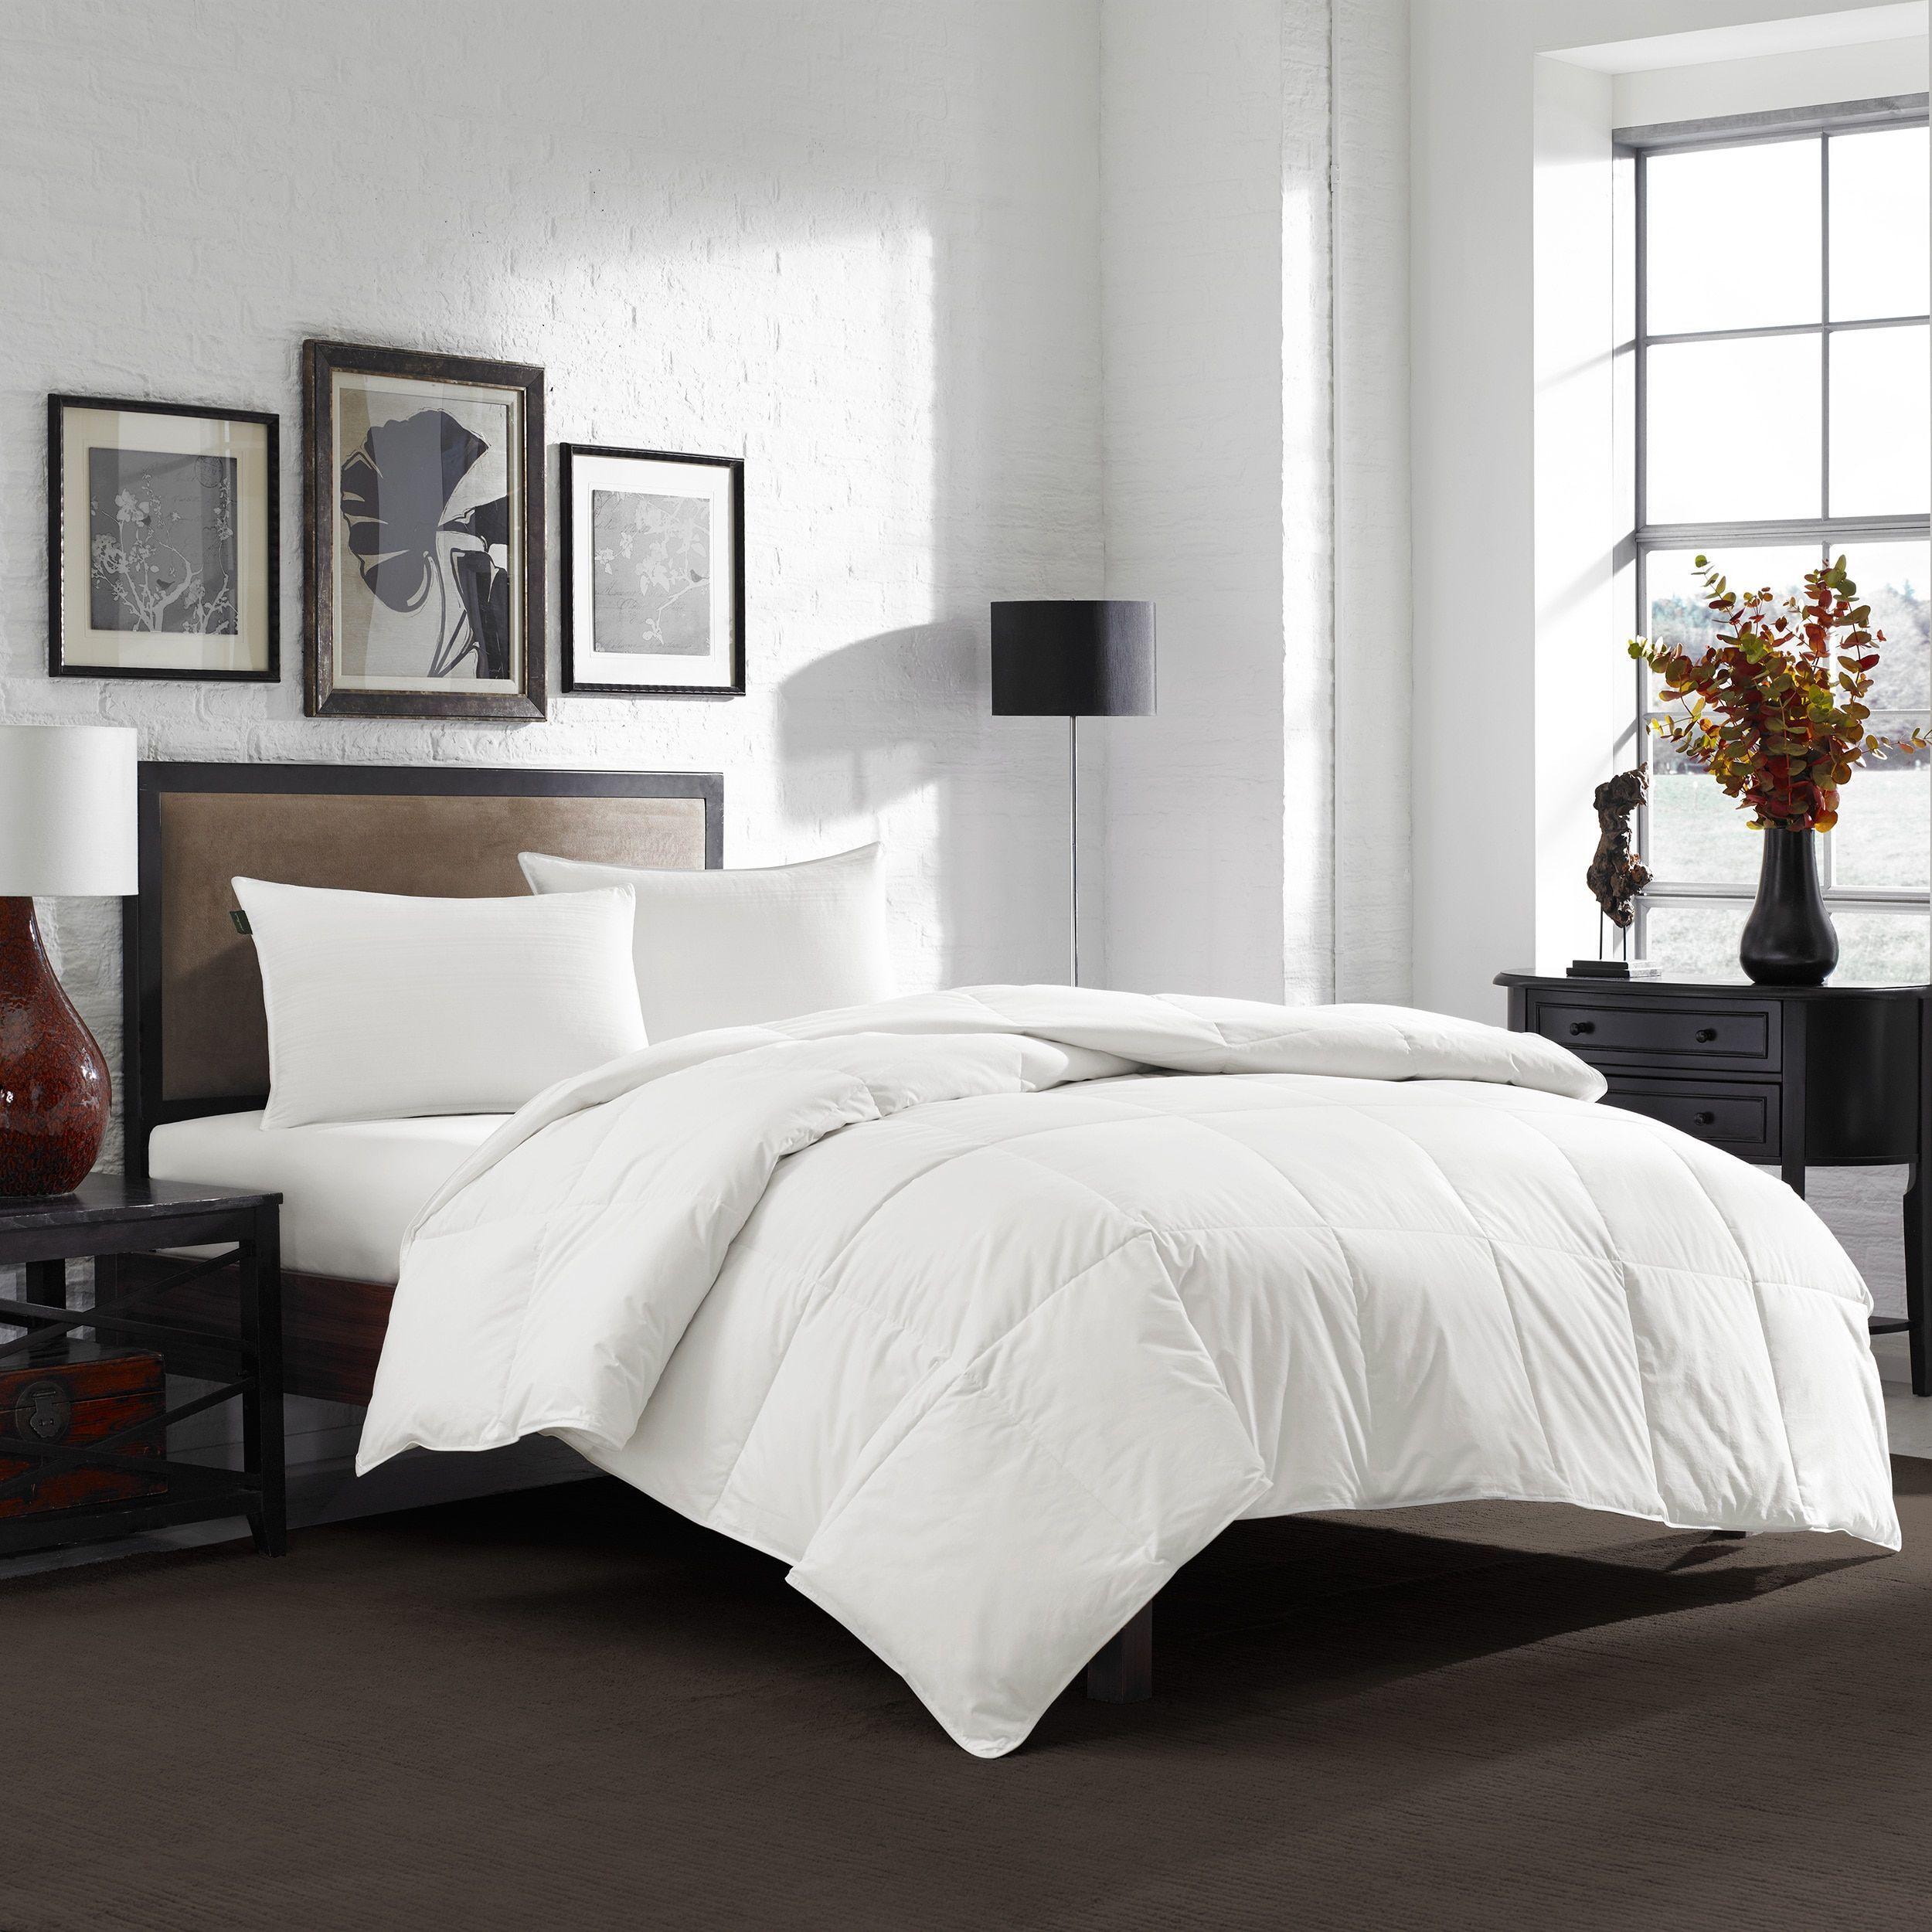 Eddie Bauer 550 Fill Power White Down Comforter Queen In 2019